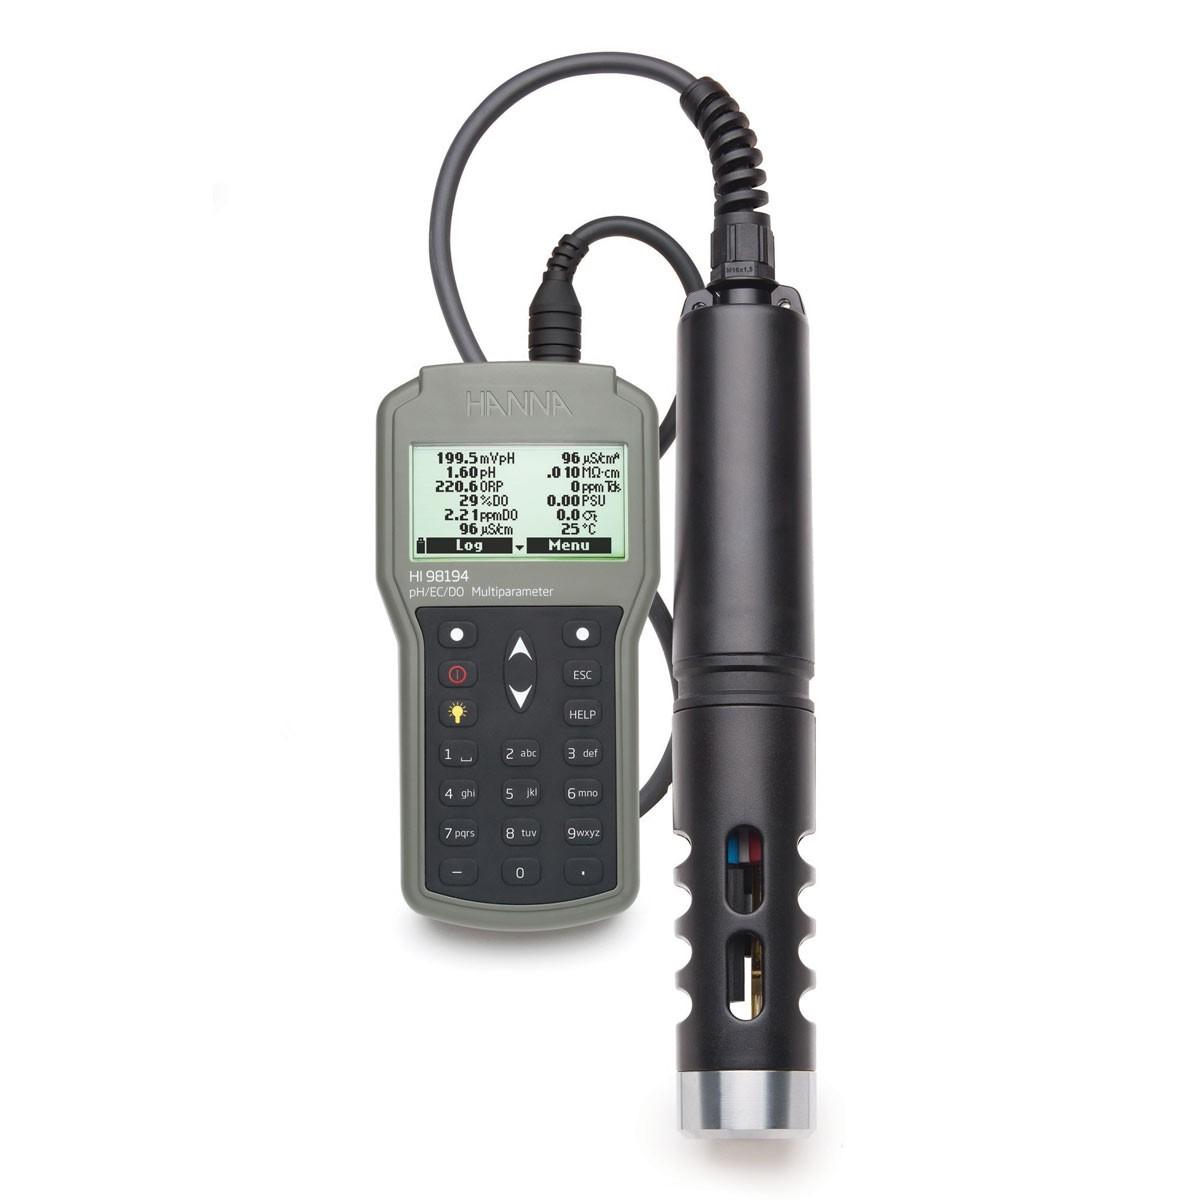 Multiparameter pH/ORP/EC/TDS/Salinity/DO/Pressure/ Temperature Waterproof Meter - HI98194